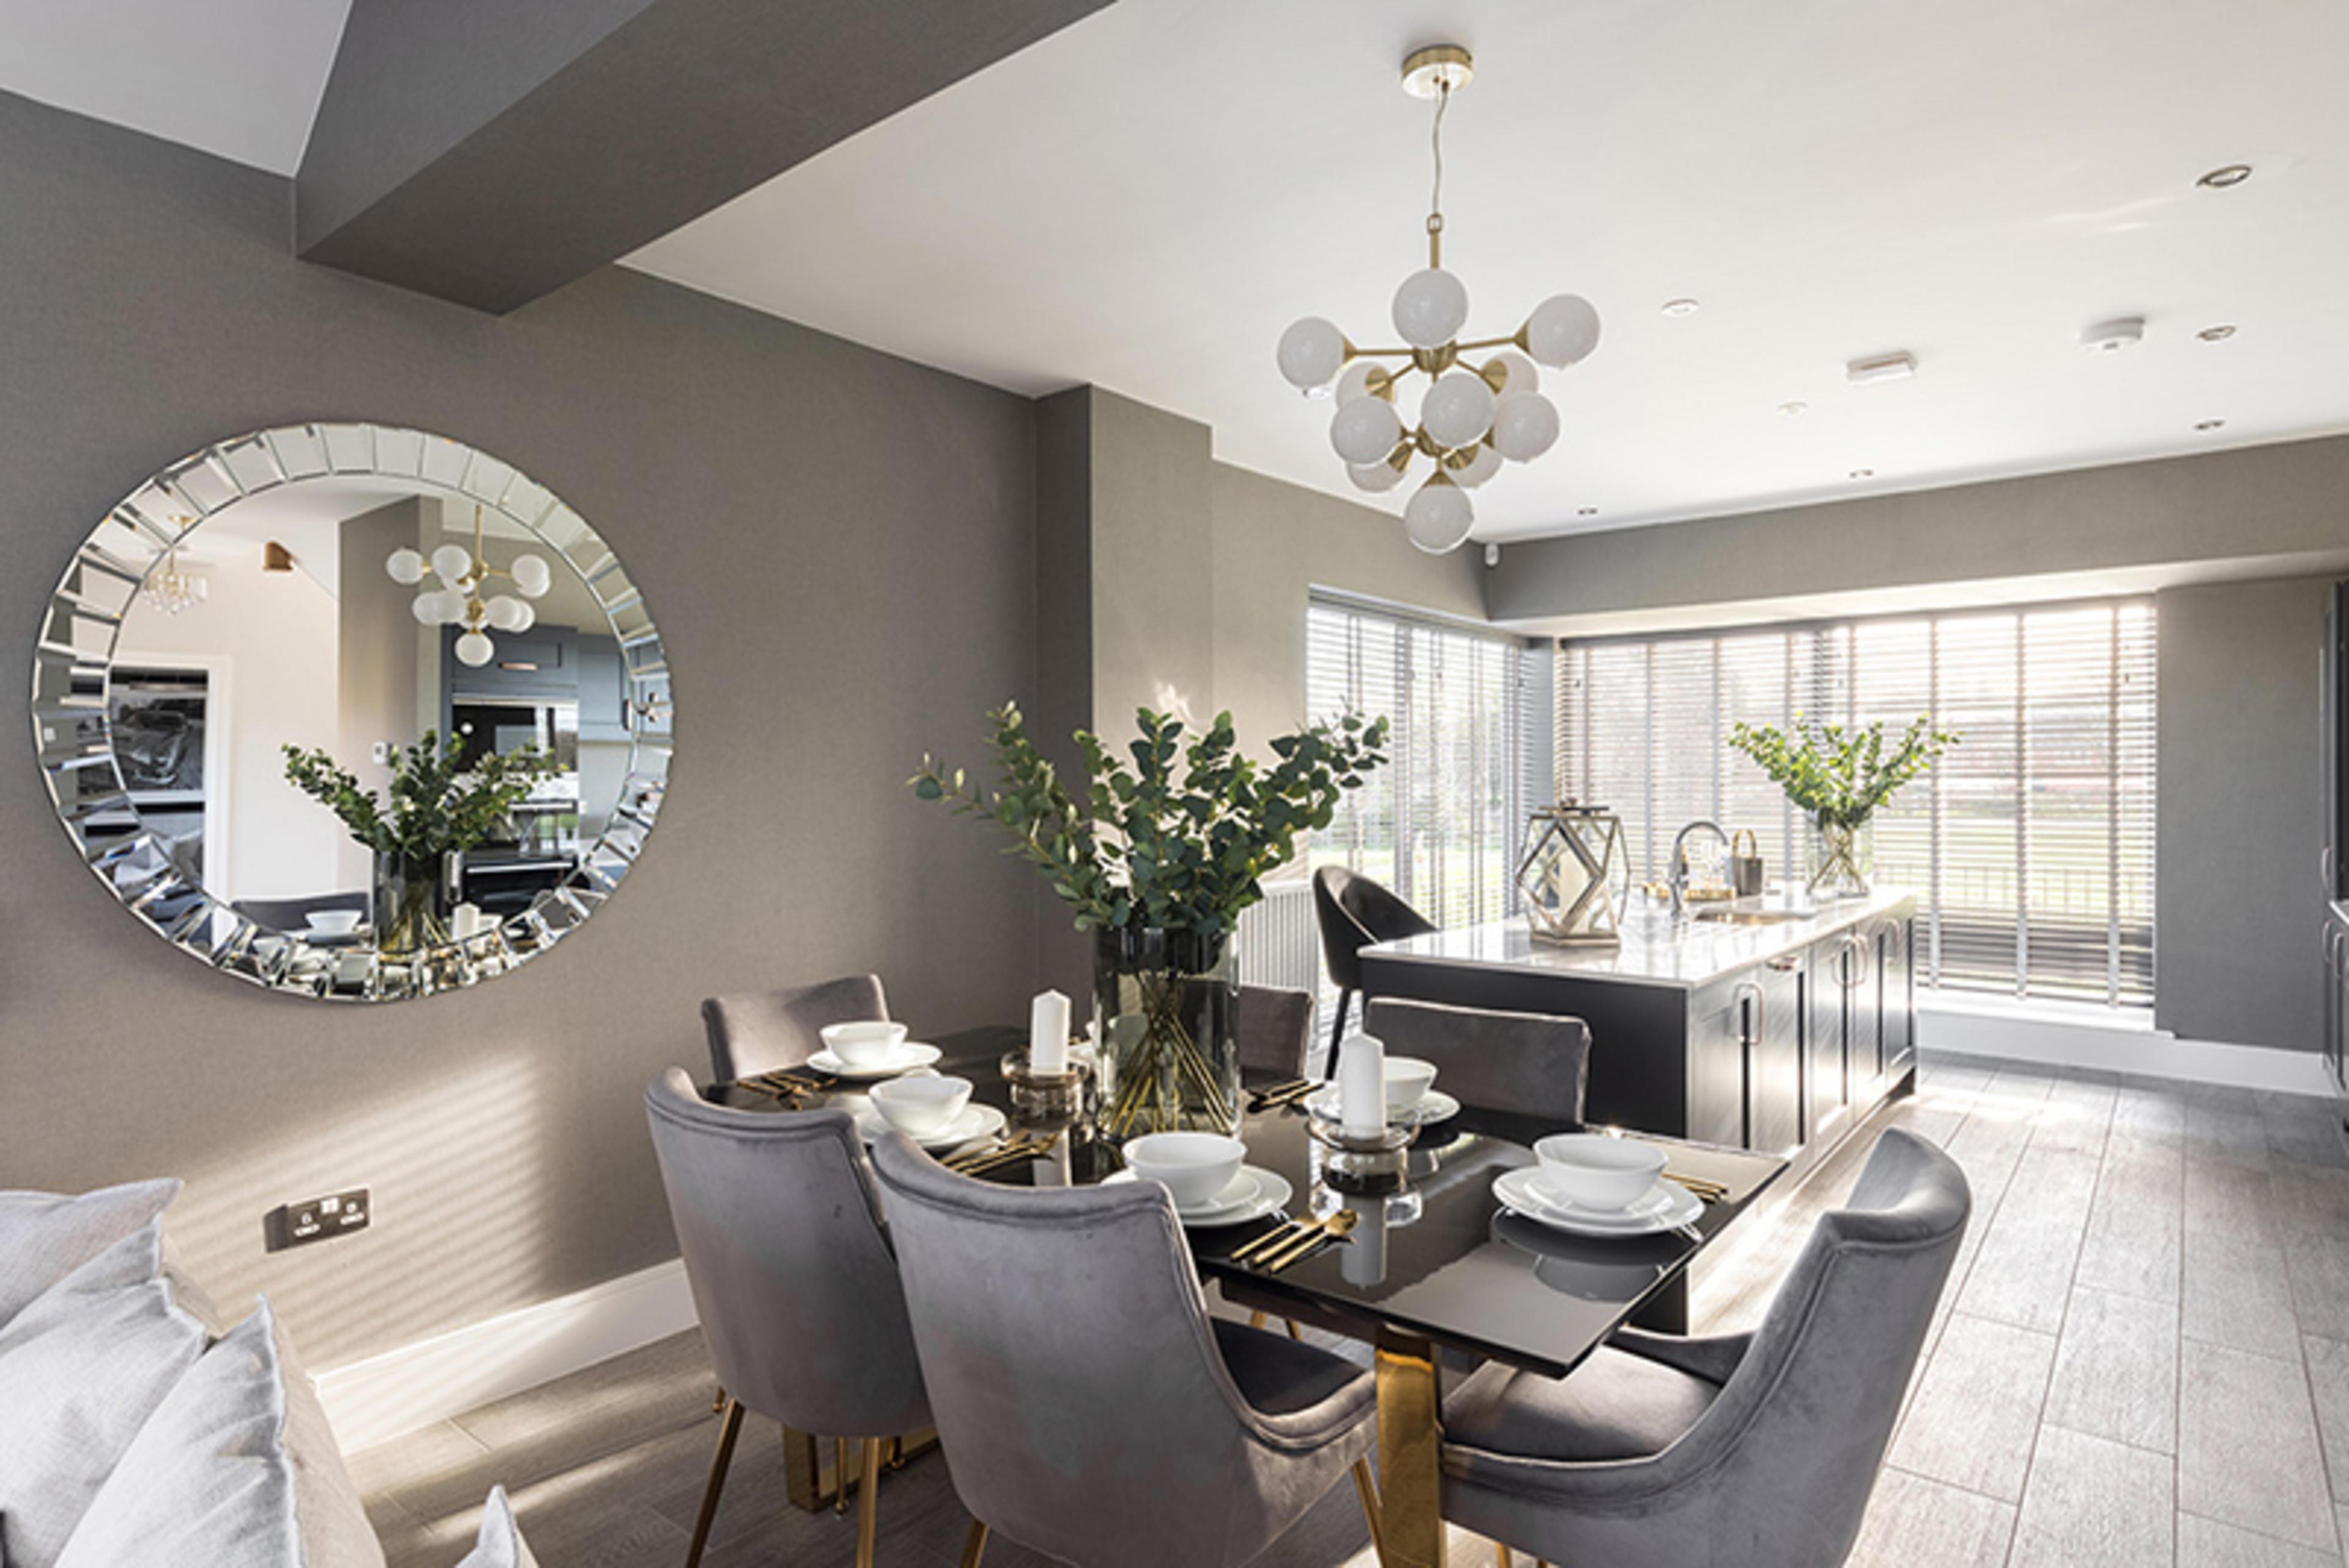 watling-grange-harrogate-merevale-4-bed-home-dining-room-and-kitchen-1